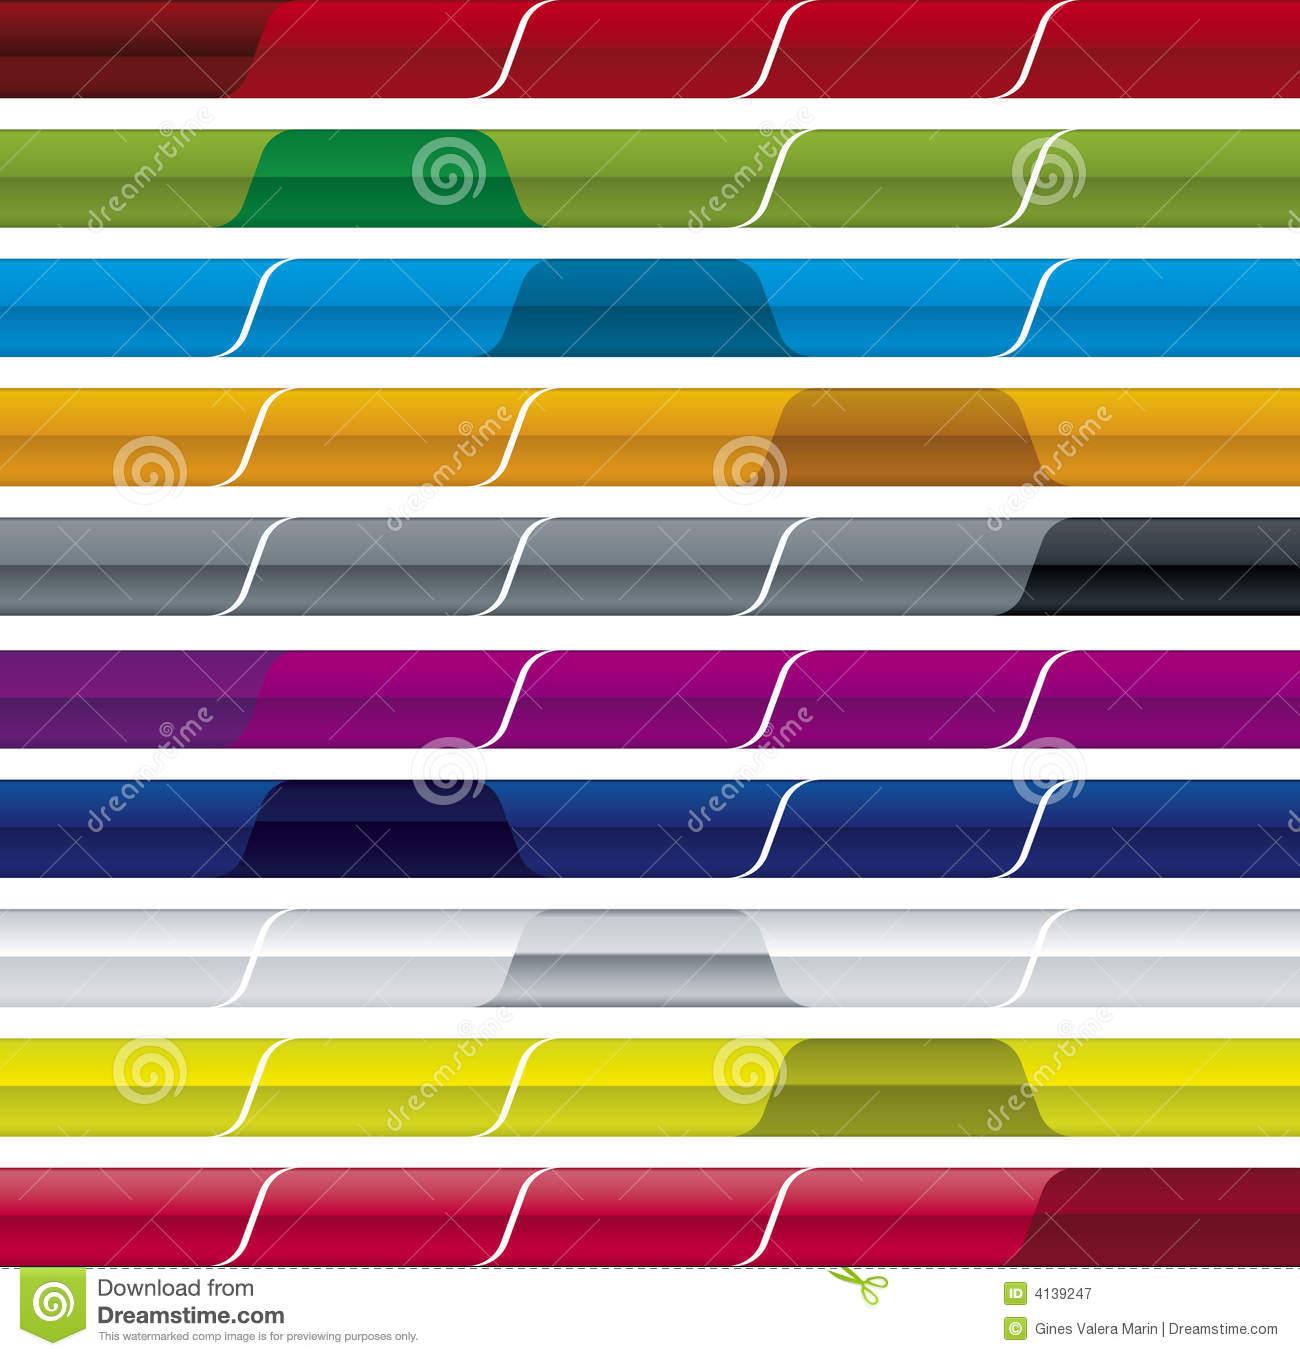 9 Vector Menu Bar Images